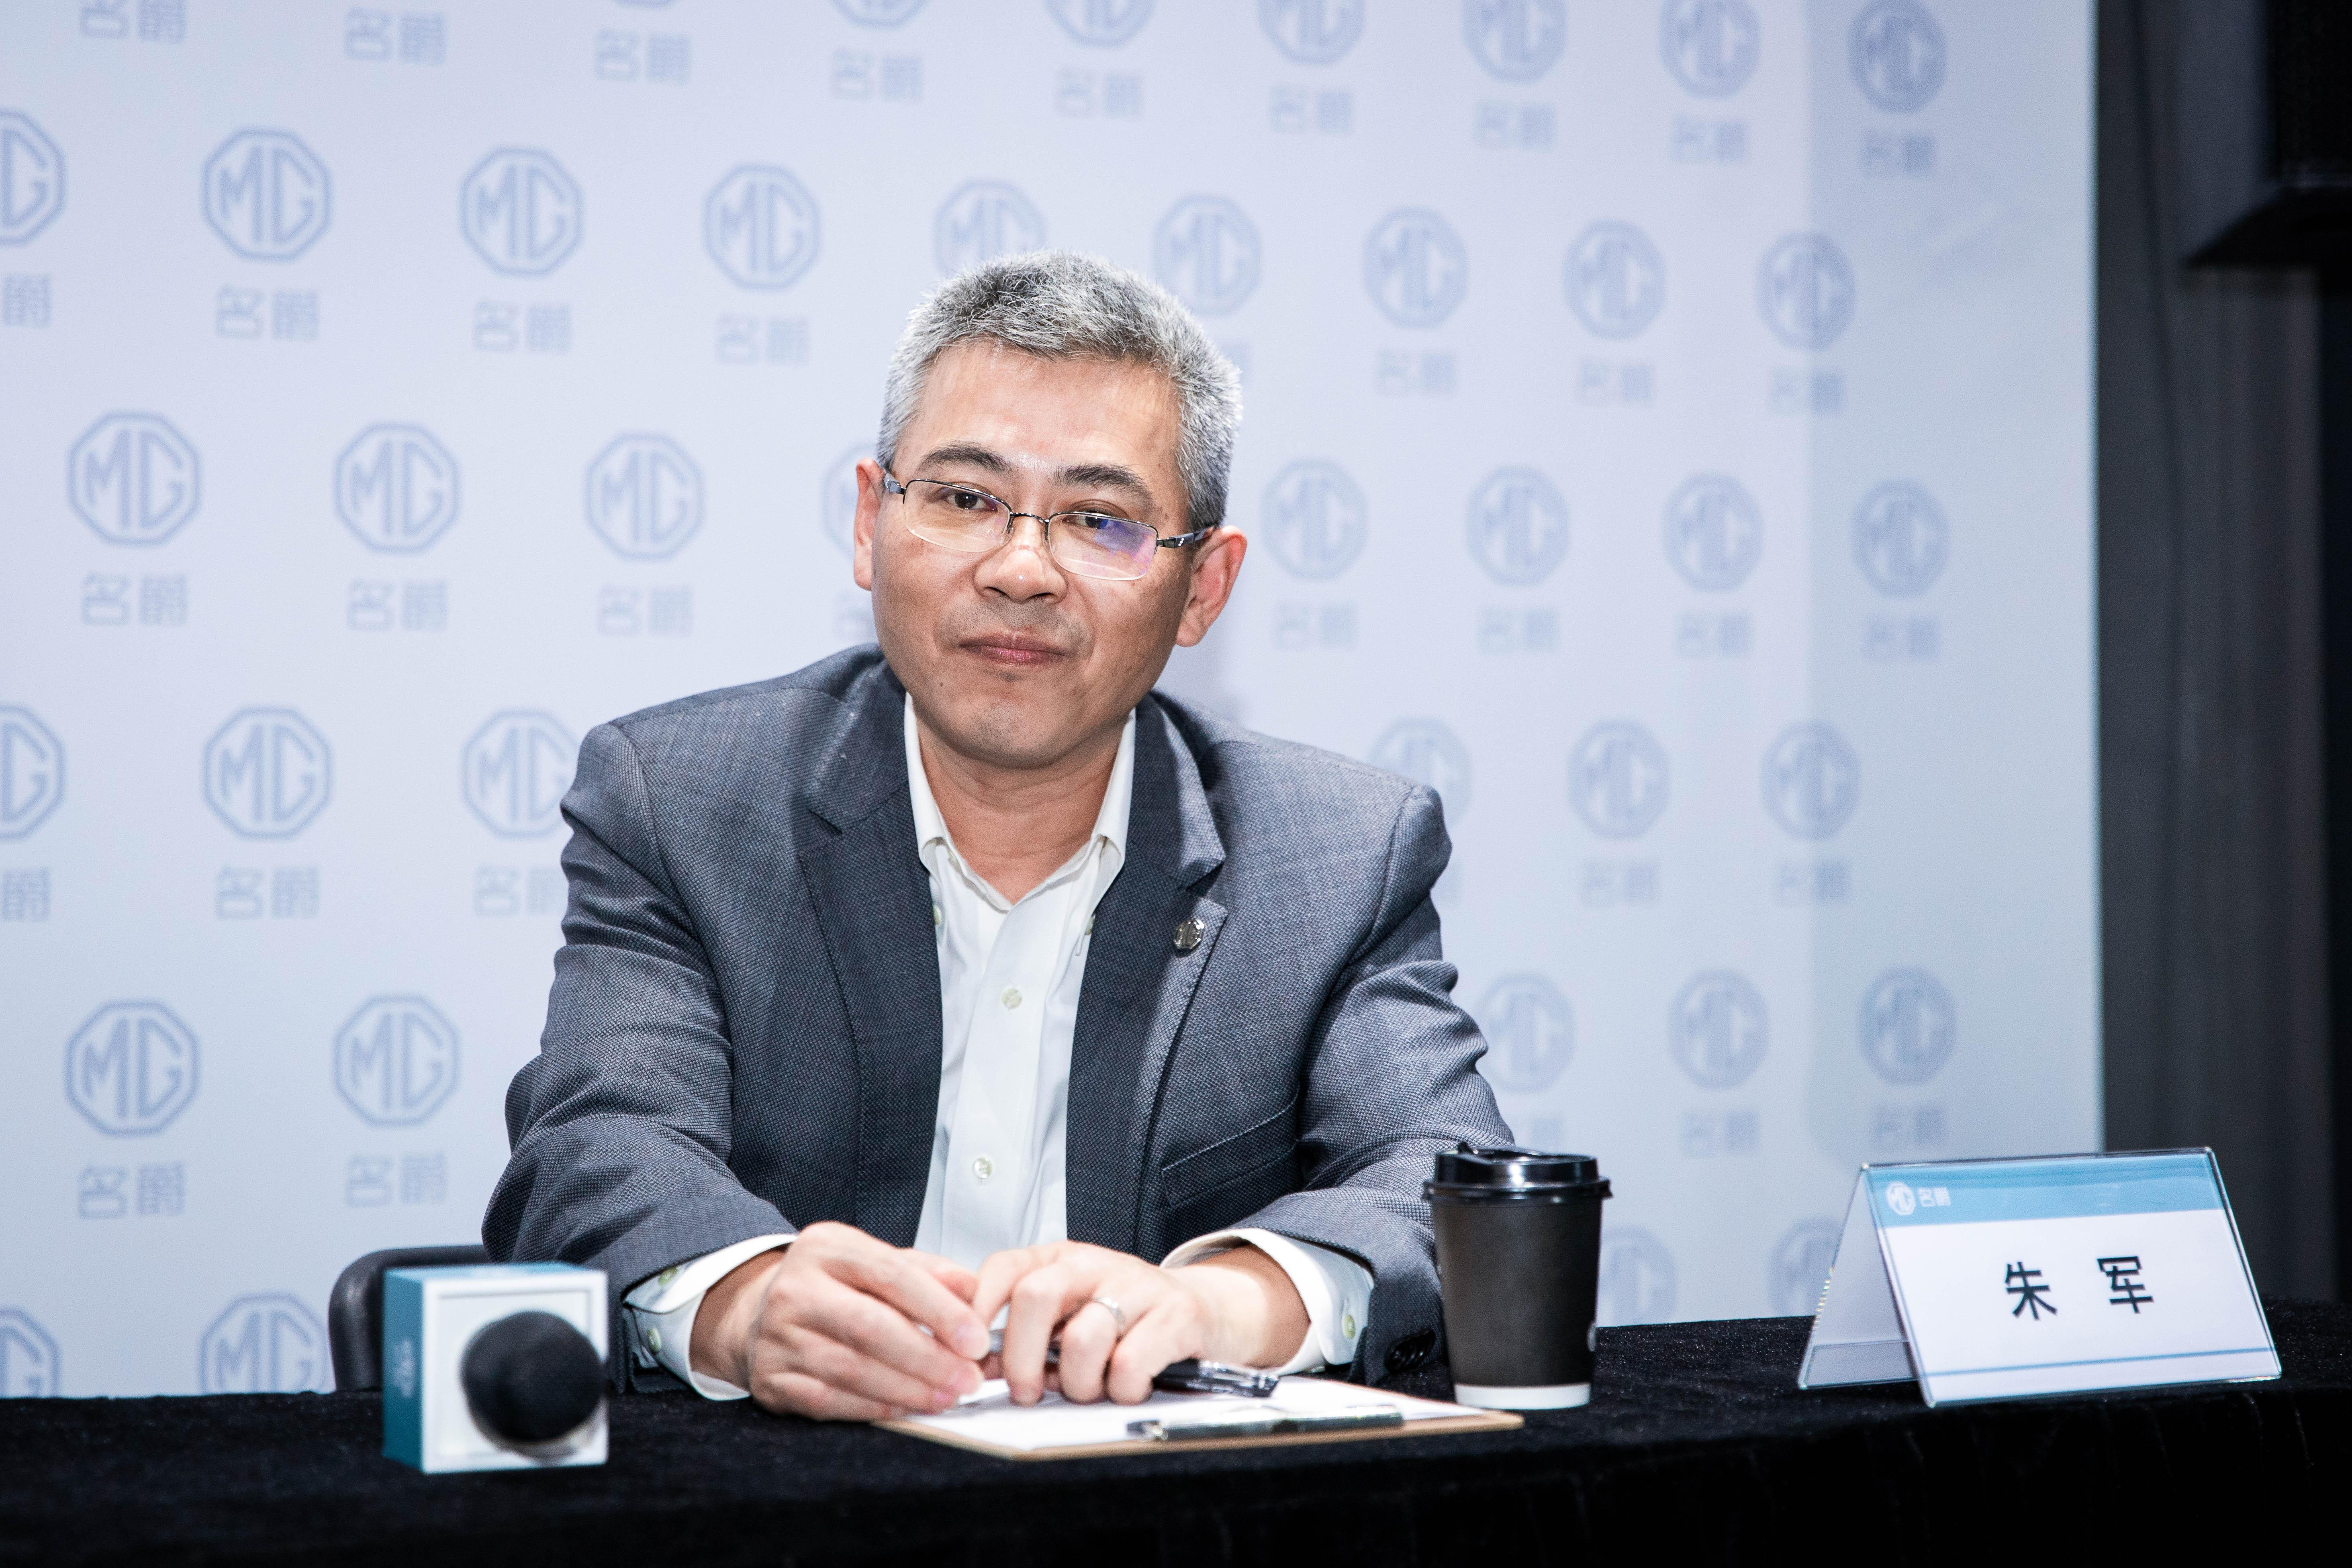 上汽集团副总工程师,上汽技术中心副主任,上海捷能汽车技术有限公司总经理朱军